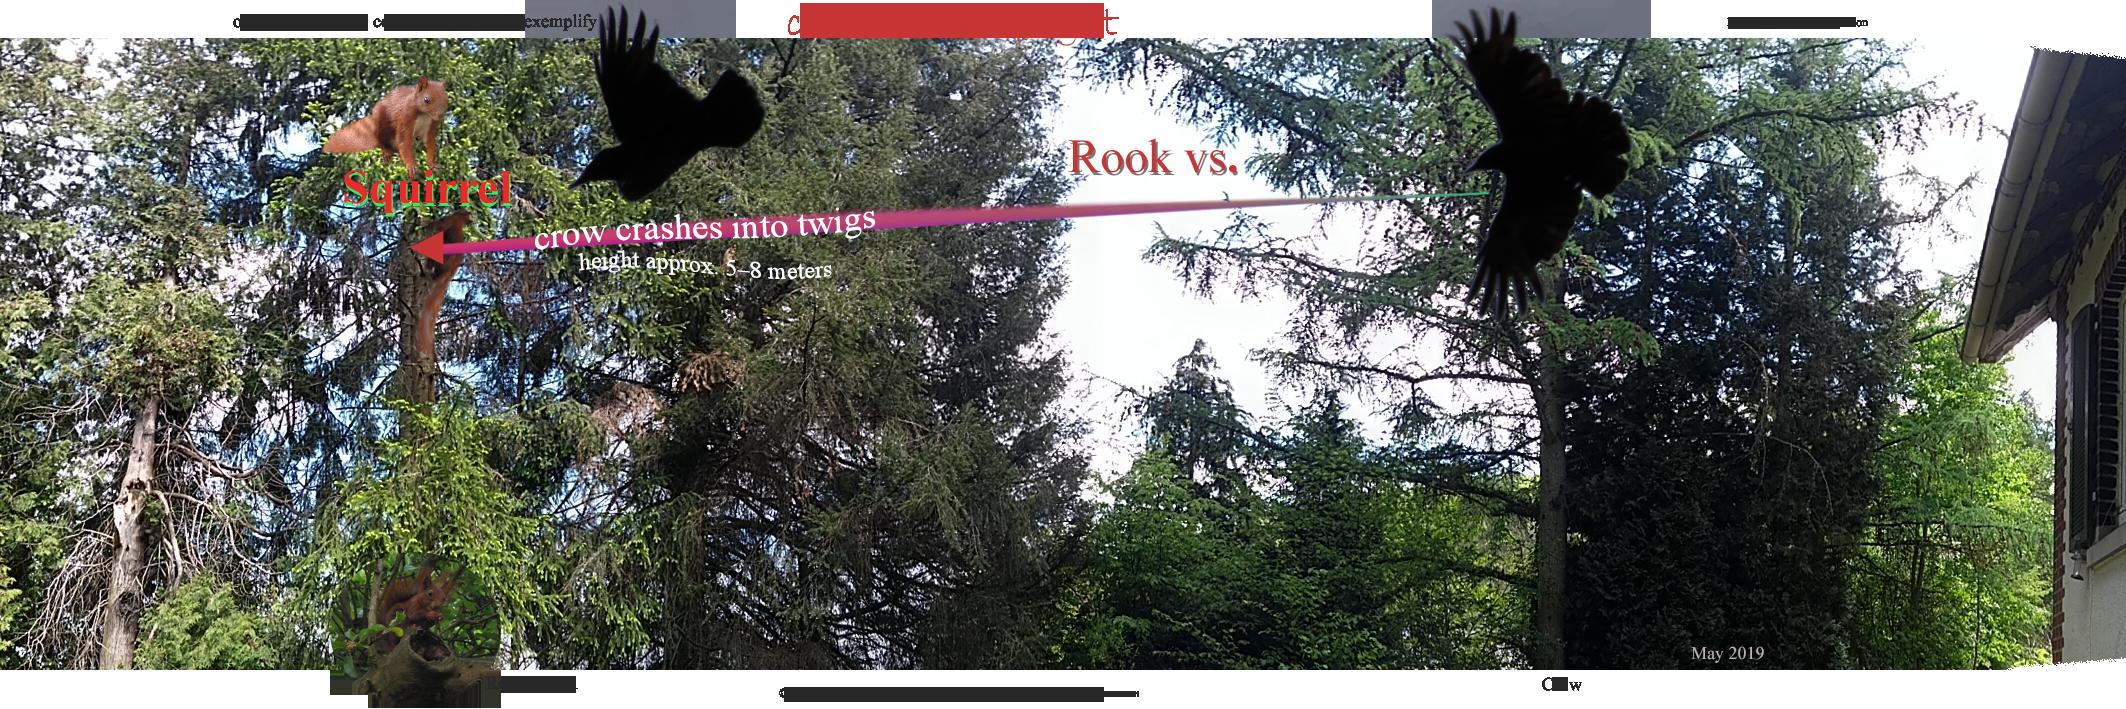 Crow attack flight vs squirrel